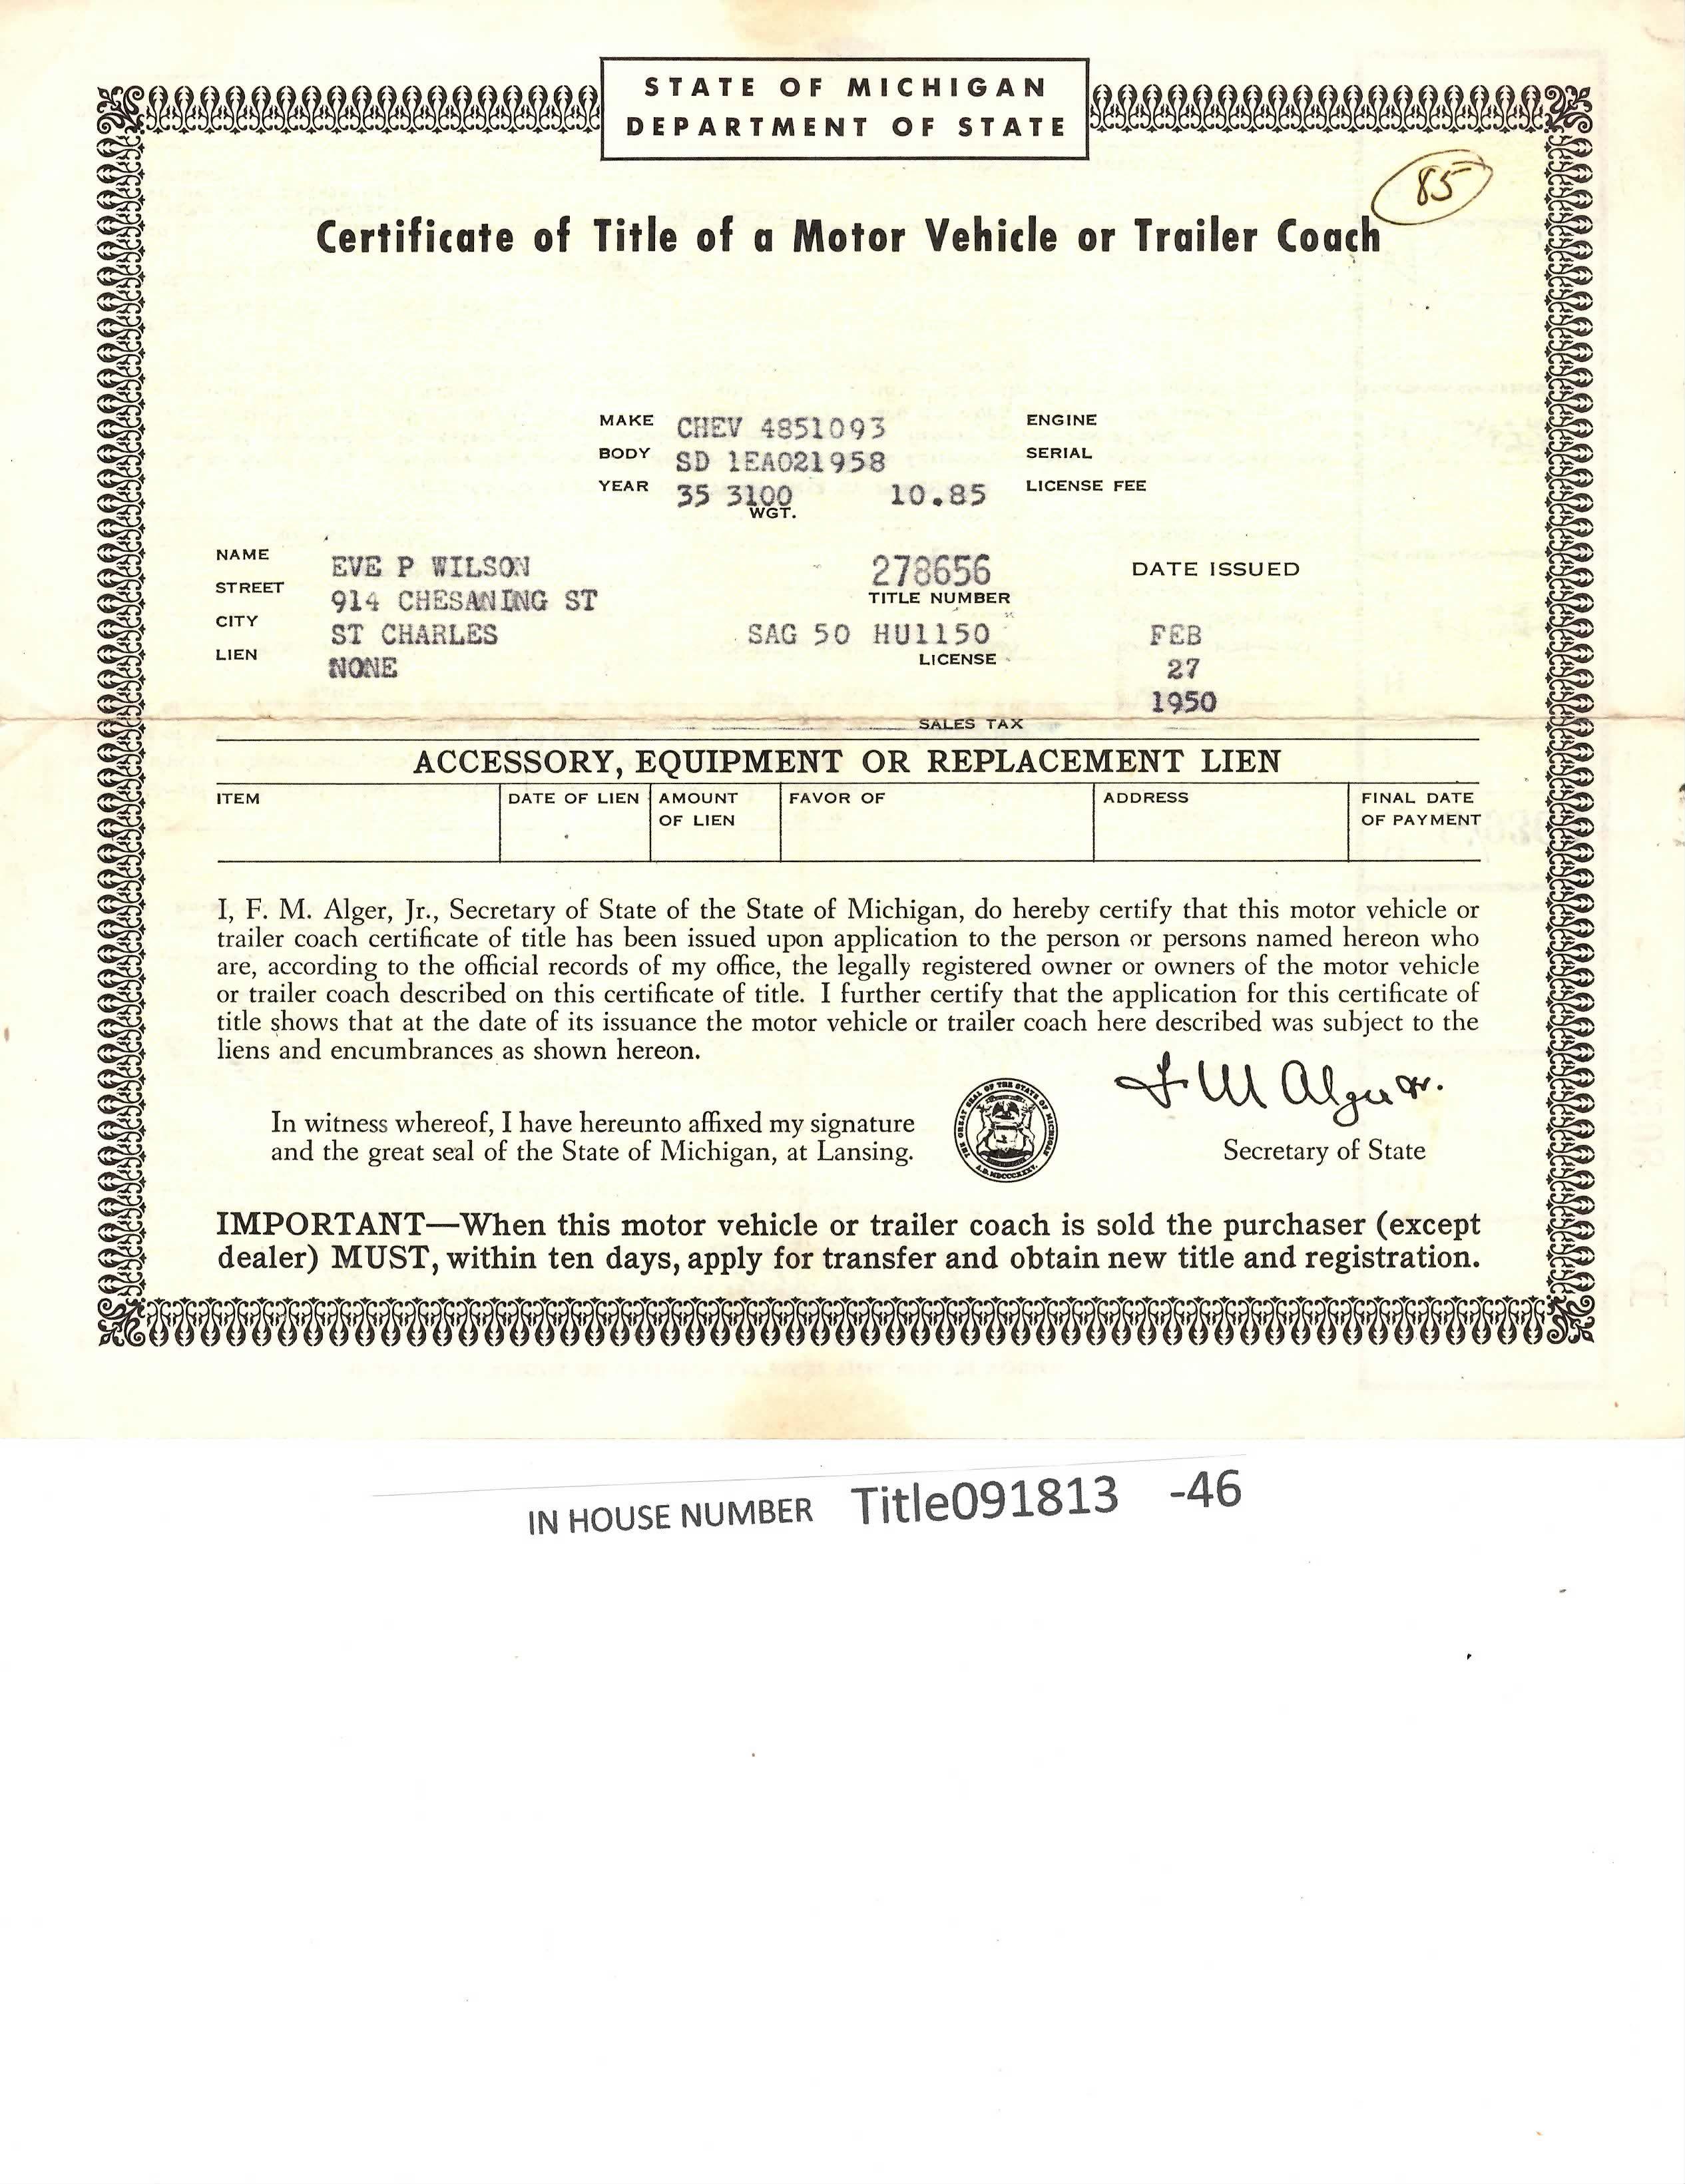 ac2cdfce3b7f05ed5b9886593fe2ad43 - How To Get A Duplicate Car Title In Ohio